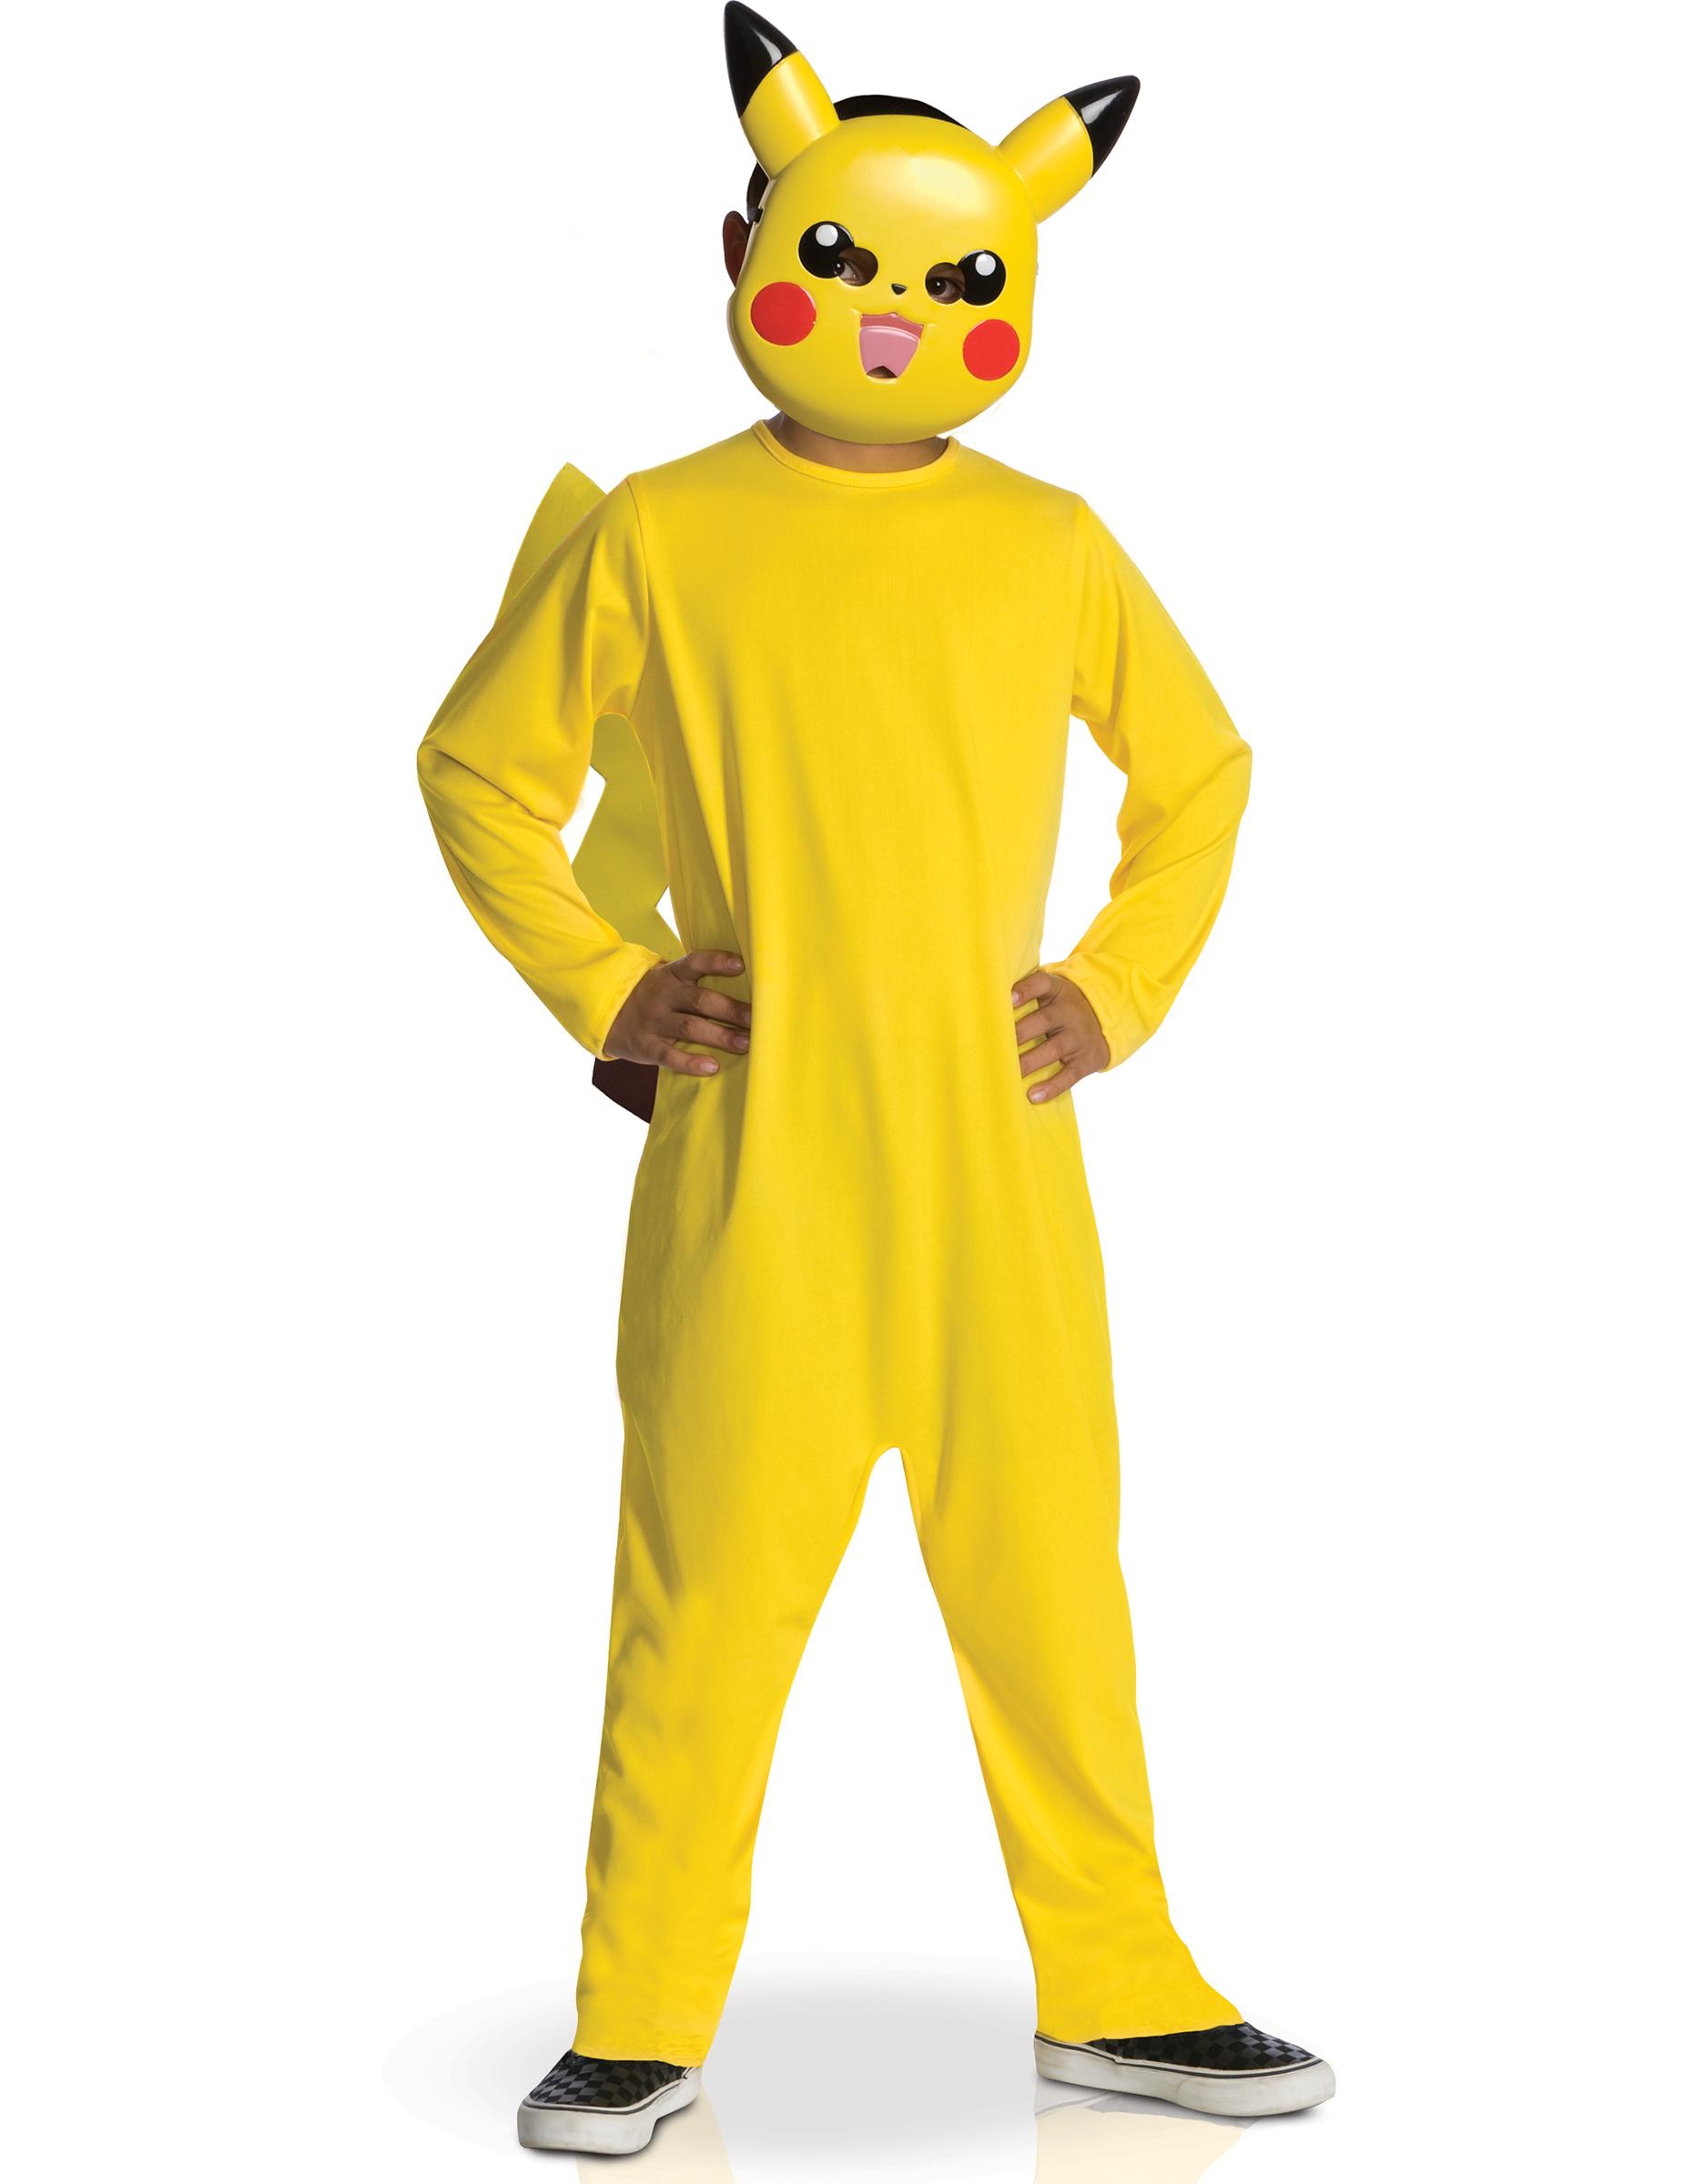 köp pikachu dräkt